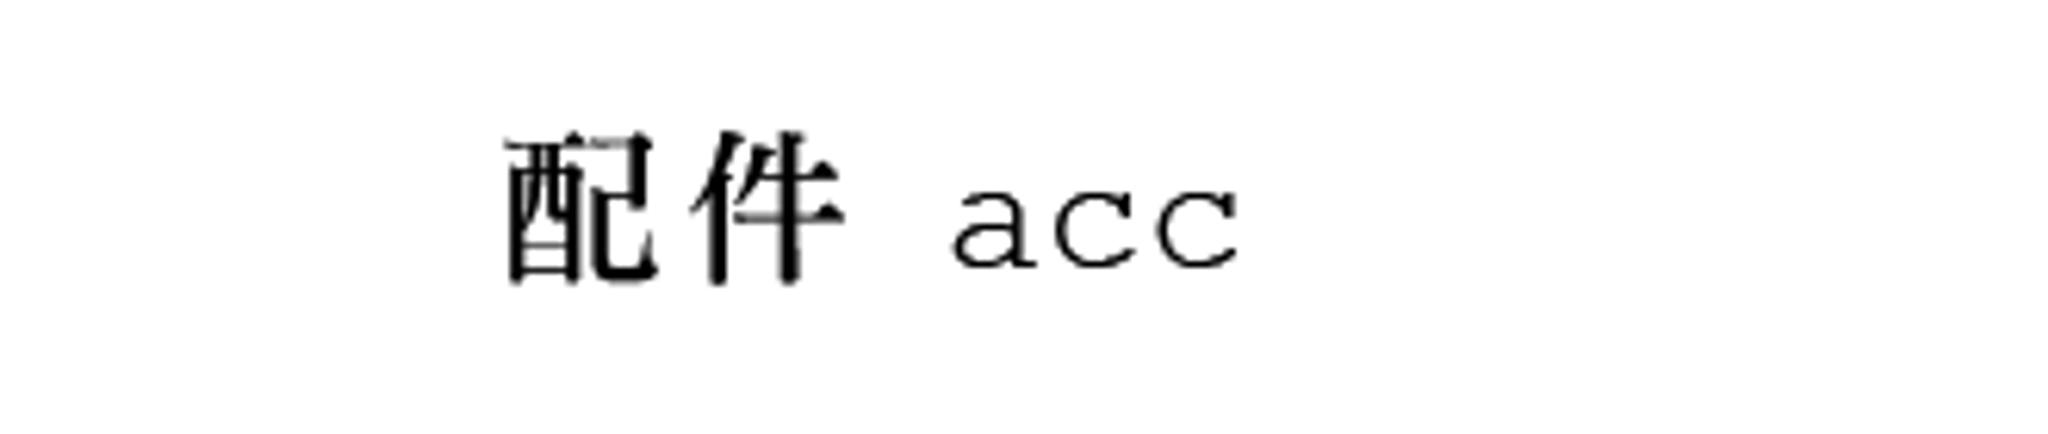 配件 / ACC